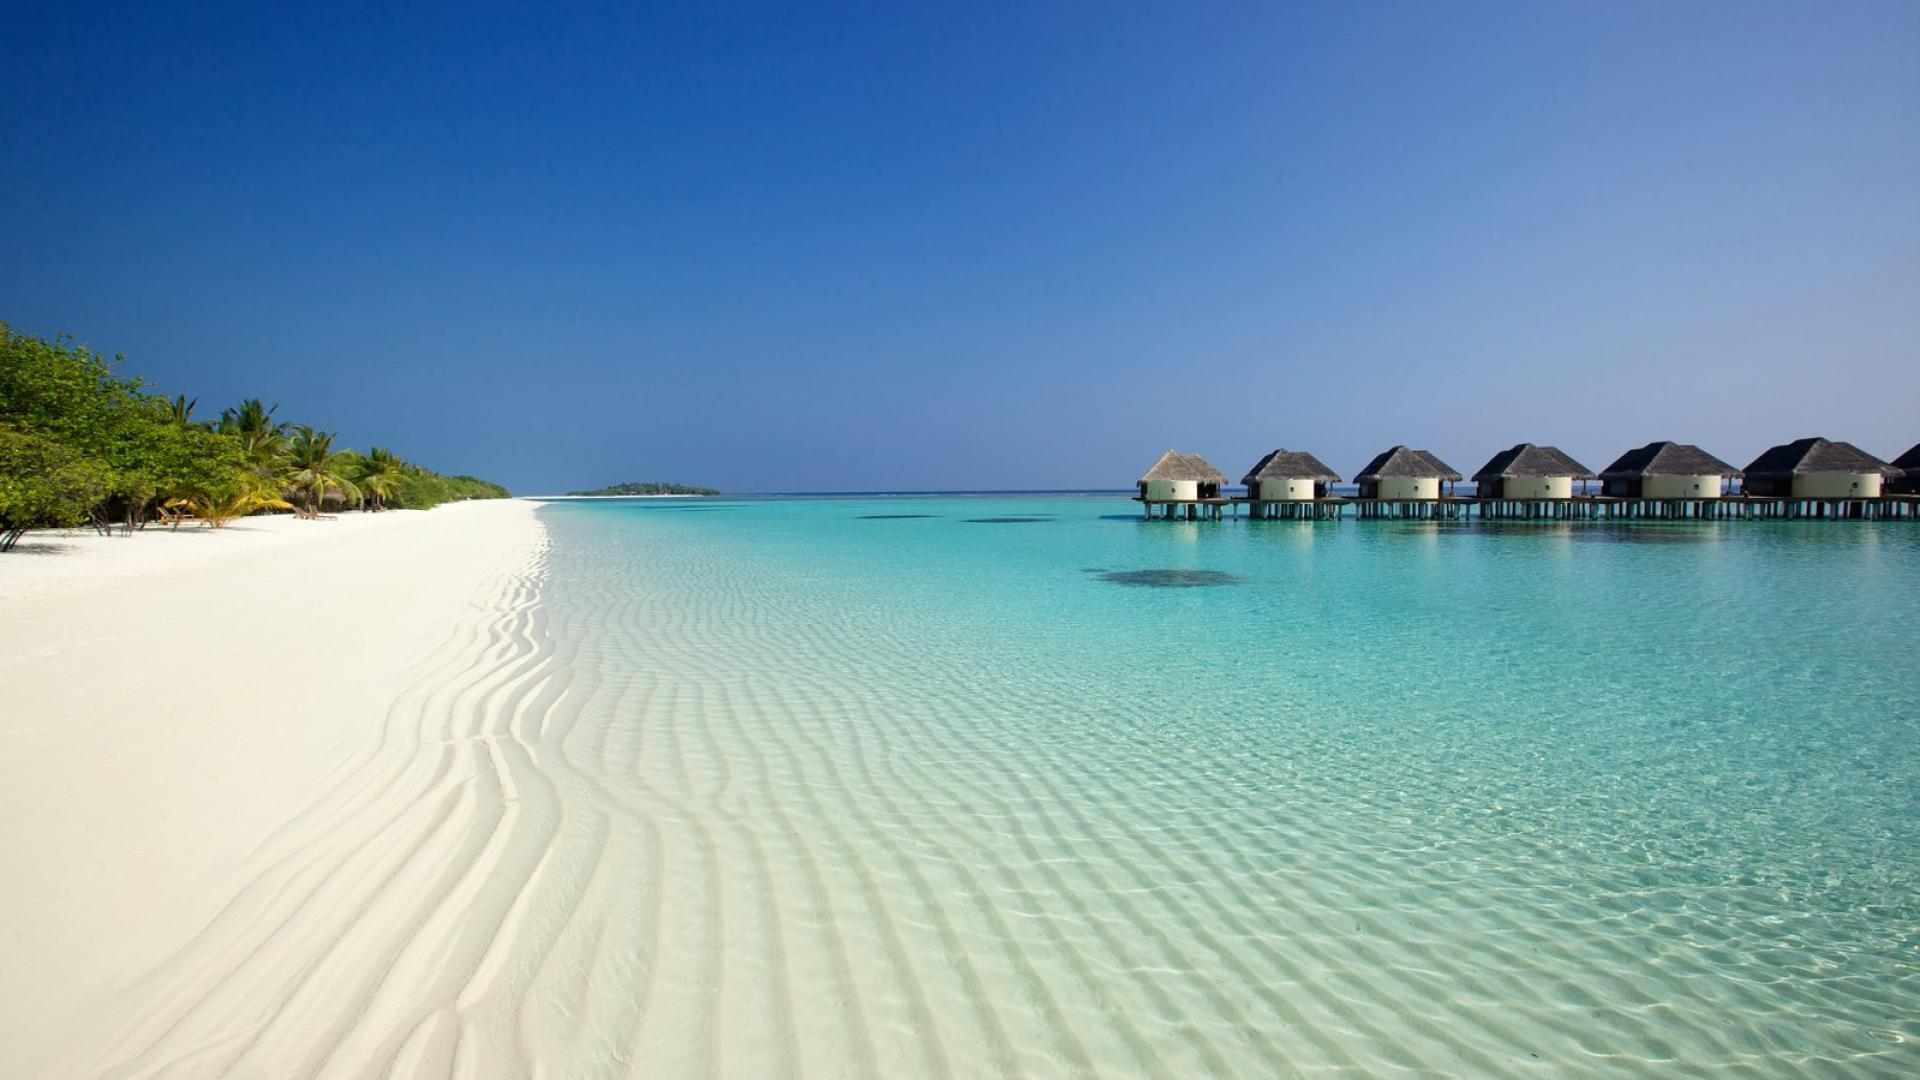 Kanuhura_Beach_19-1599×1066-8726712a-afea-498e-9fe9-6981e681aa0f